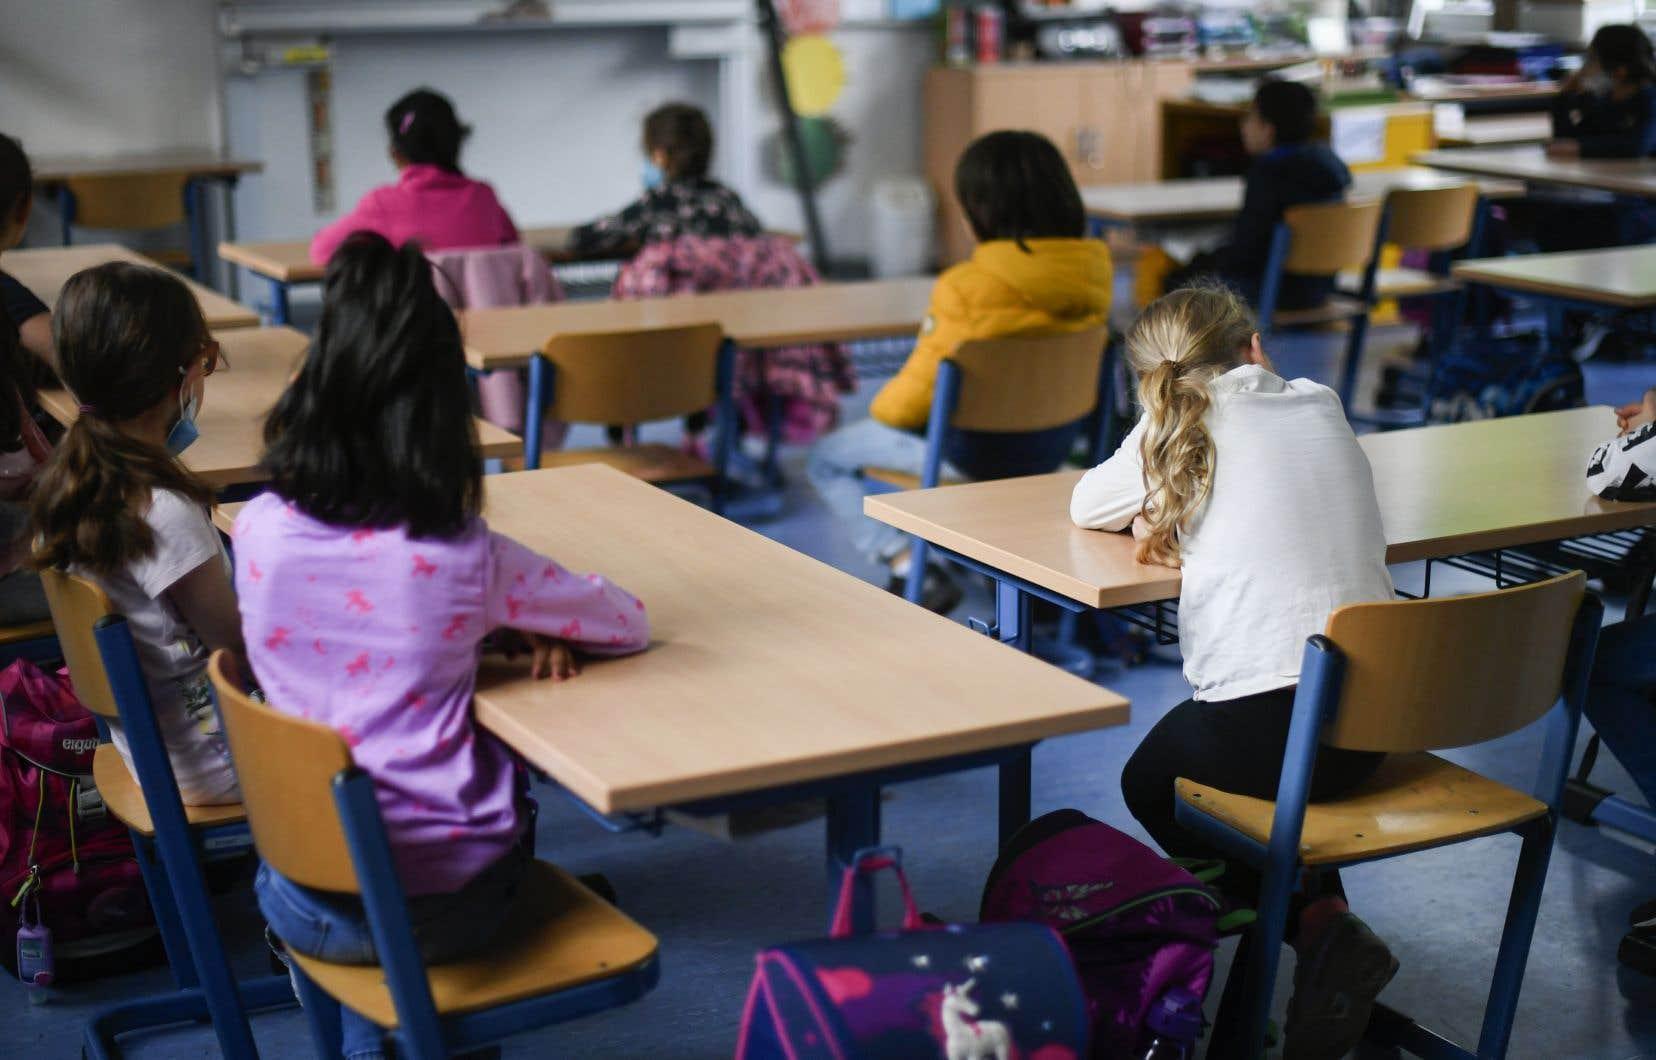 Les acteurs du réseau scolaire s'attendent à des investissements pour aider les profs à soutenir les élèves en difficulté, qui seront plus nombreux que jamais après cinq mois de bouleversements.